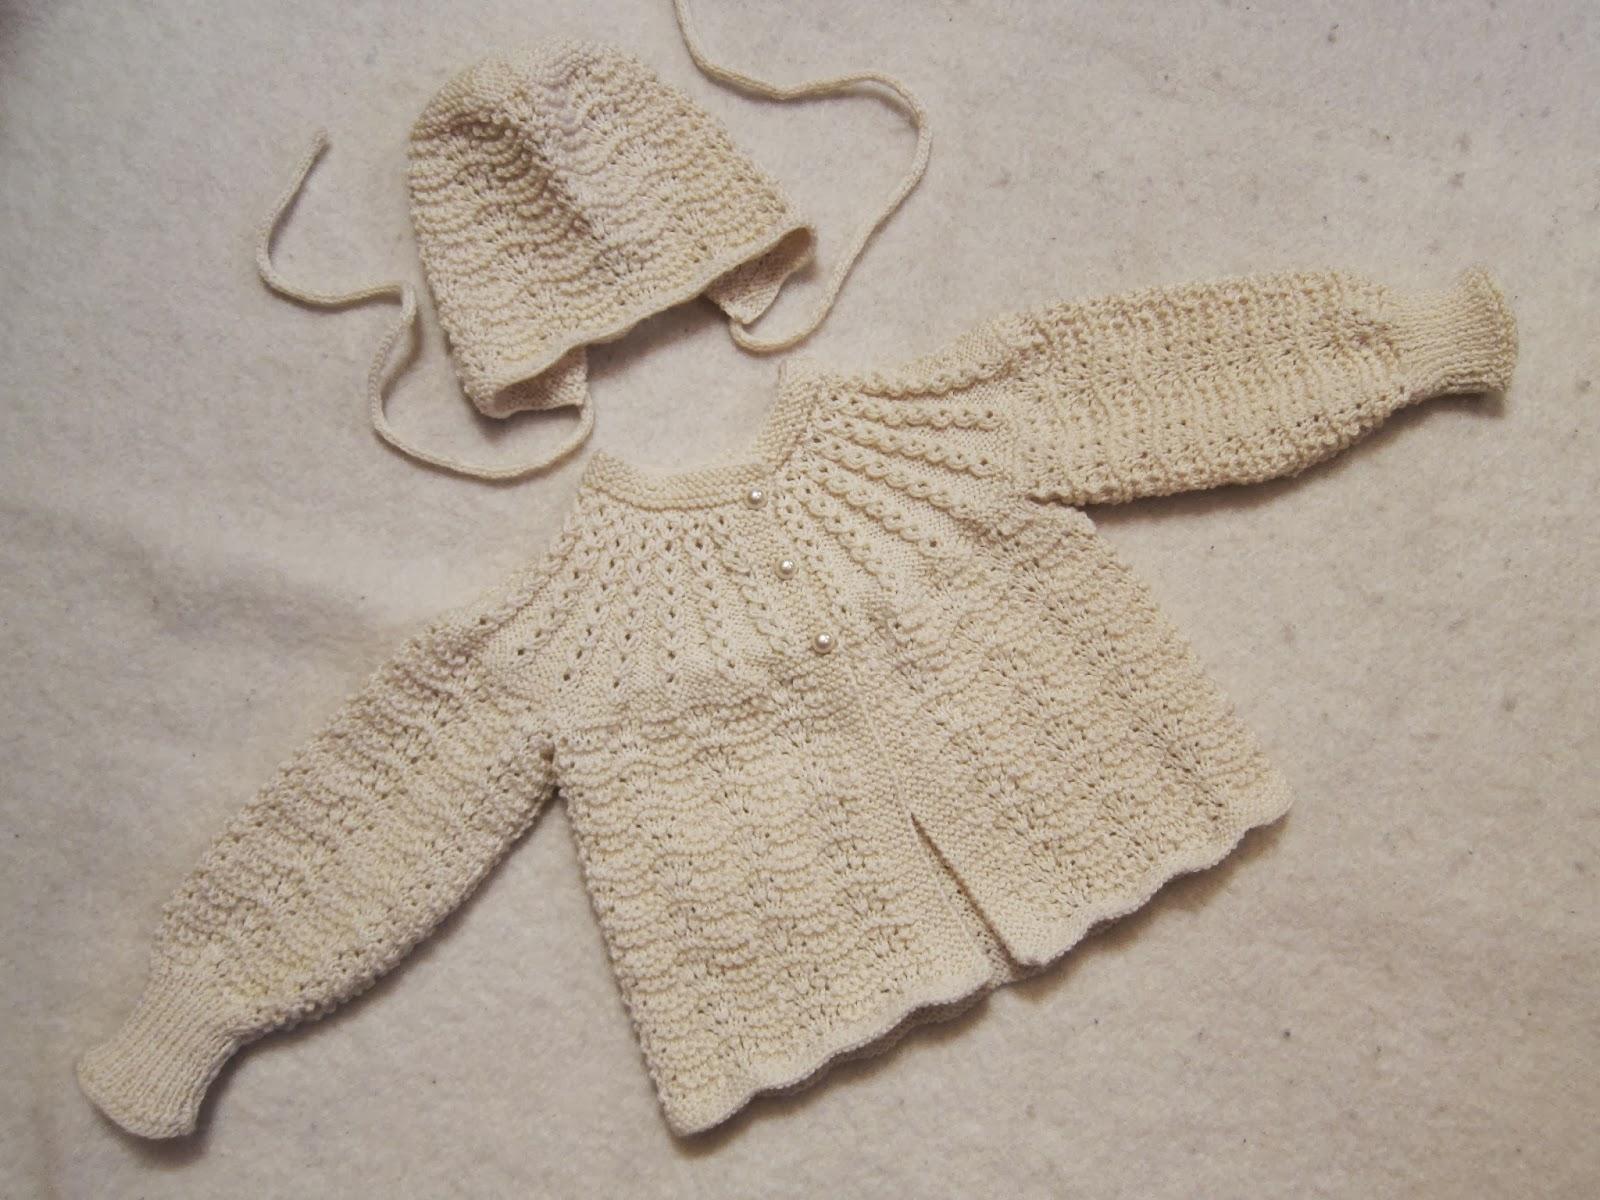 fiona genser i lille lerke dalegarn